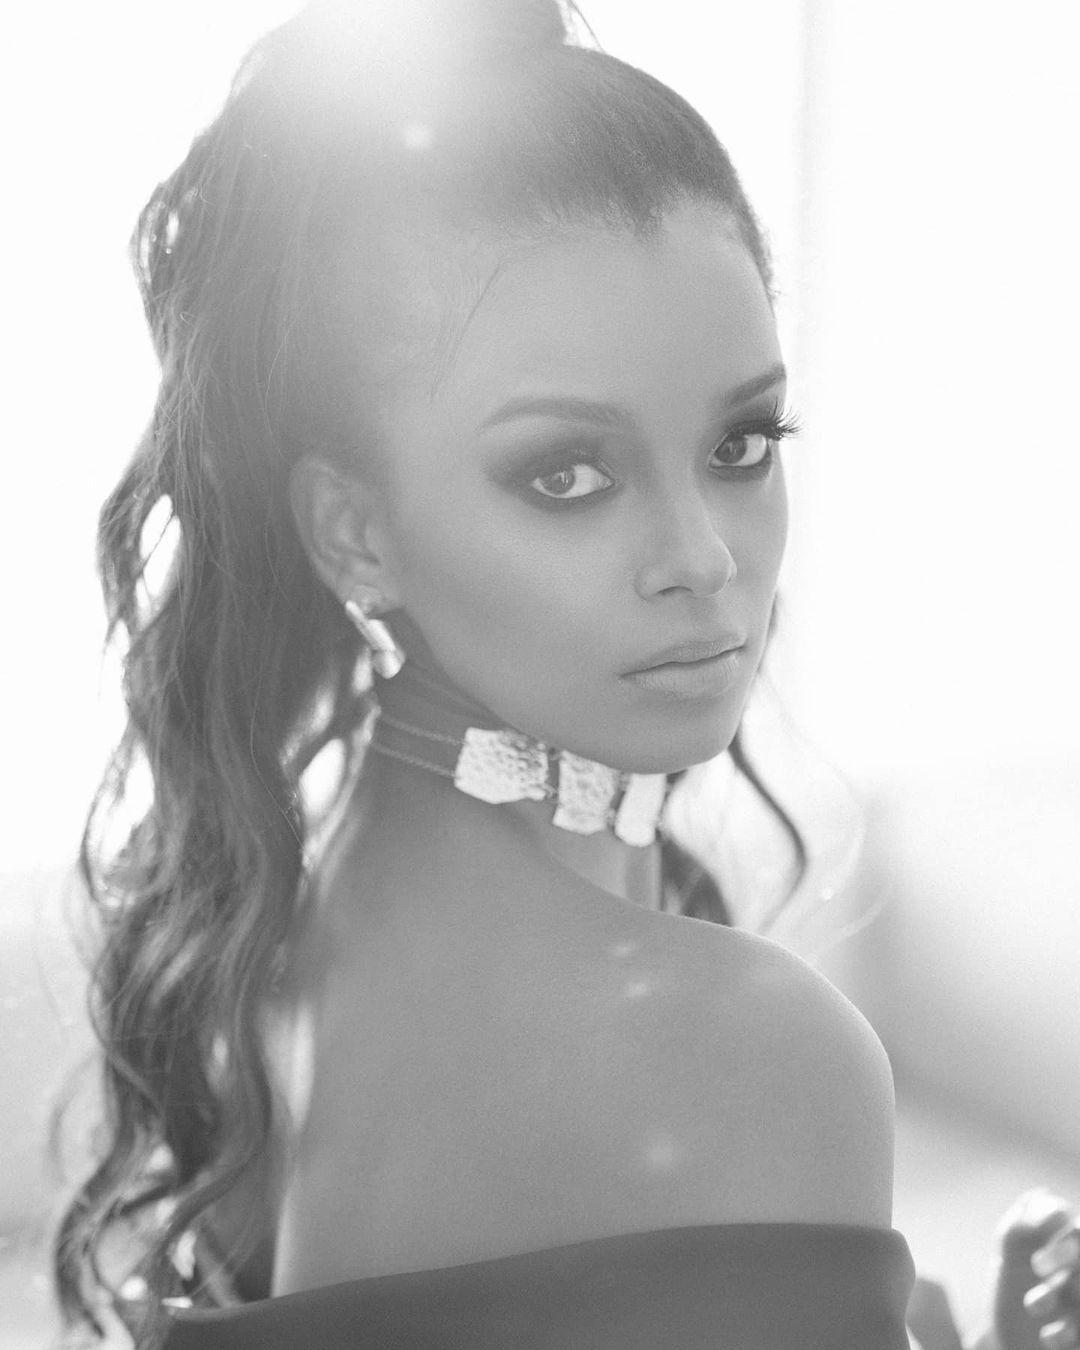 carolina londono, top 16 de miss colombia universo 2020. - Página 2 Carolo30